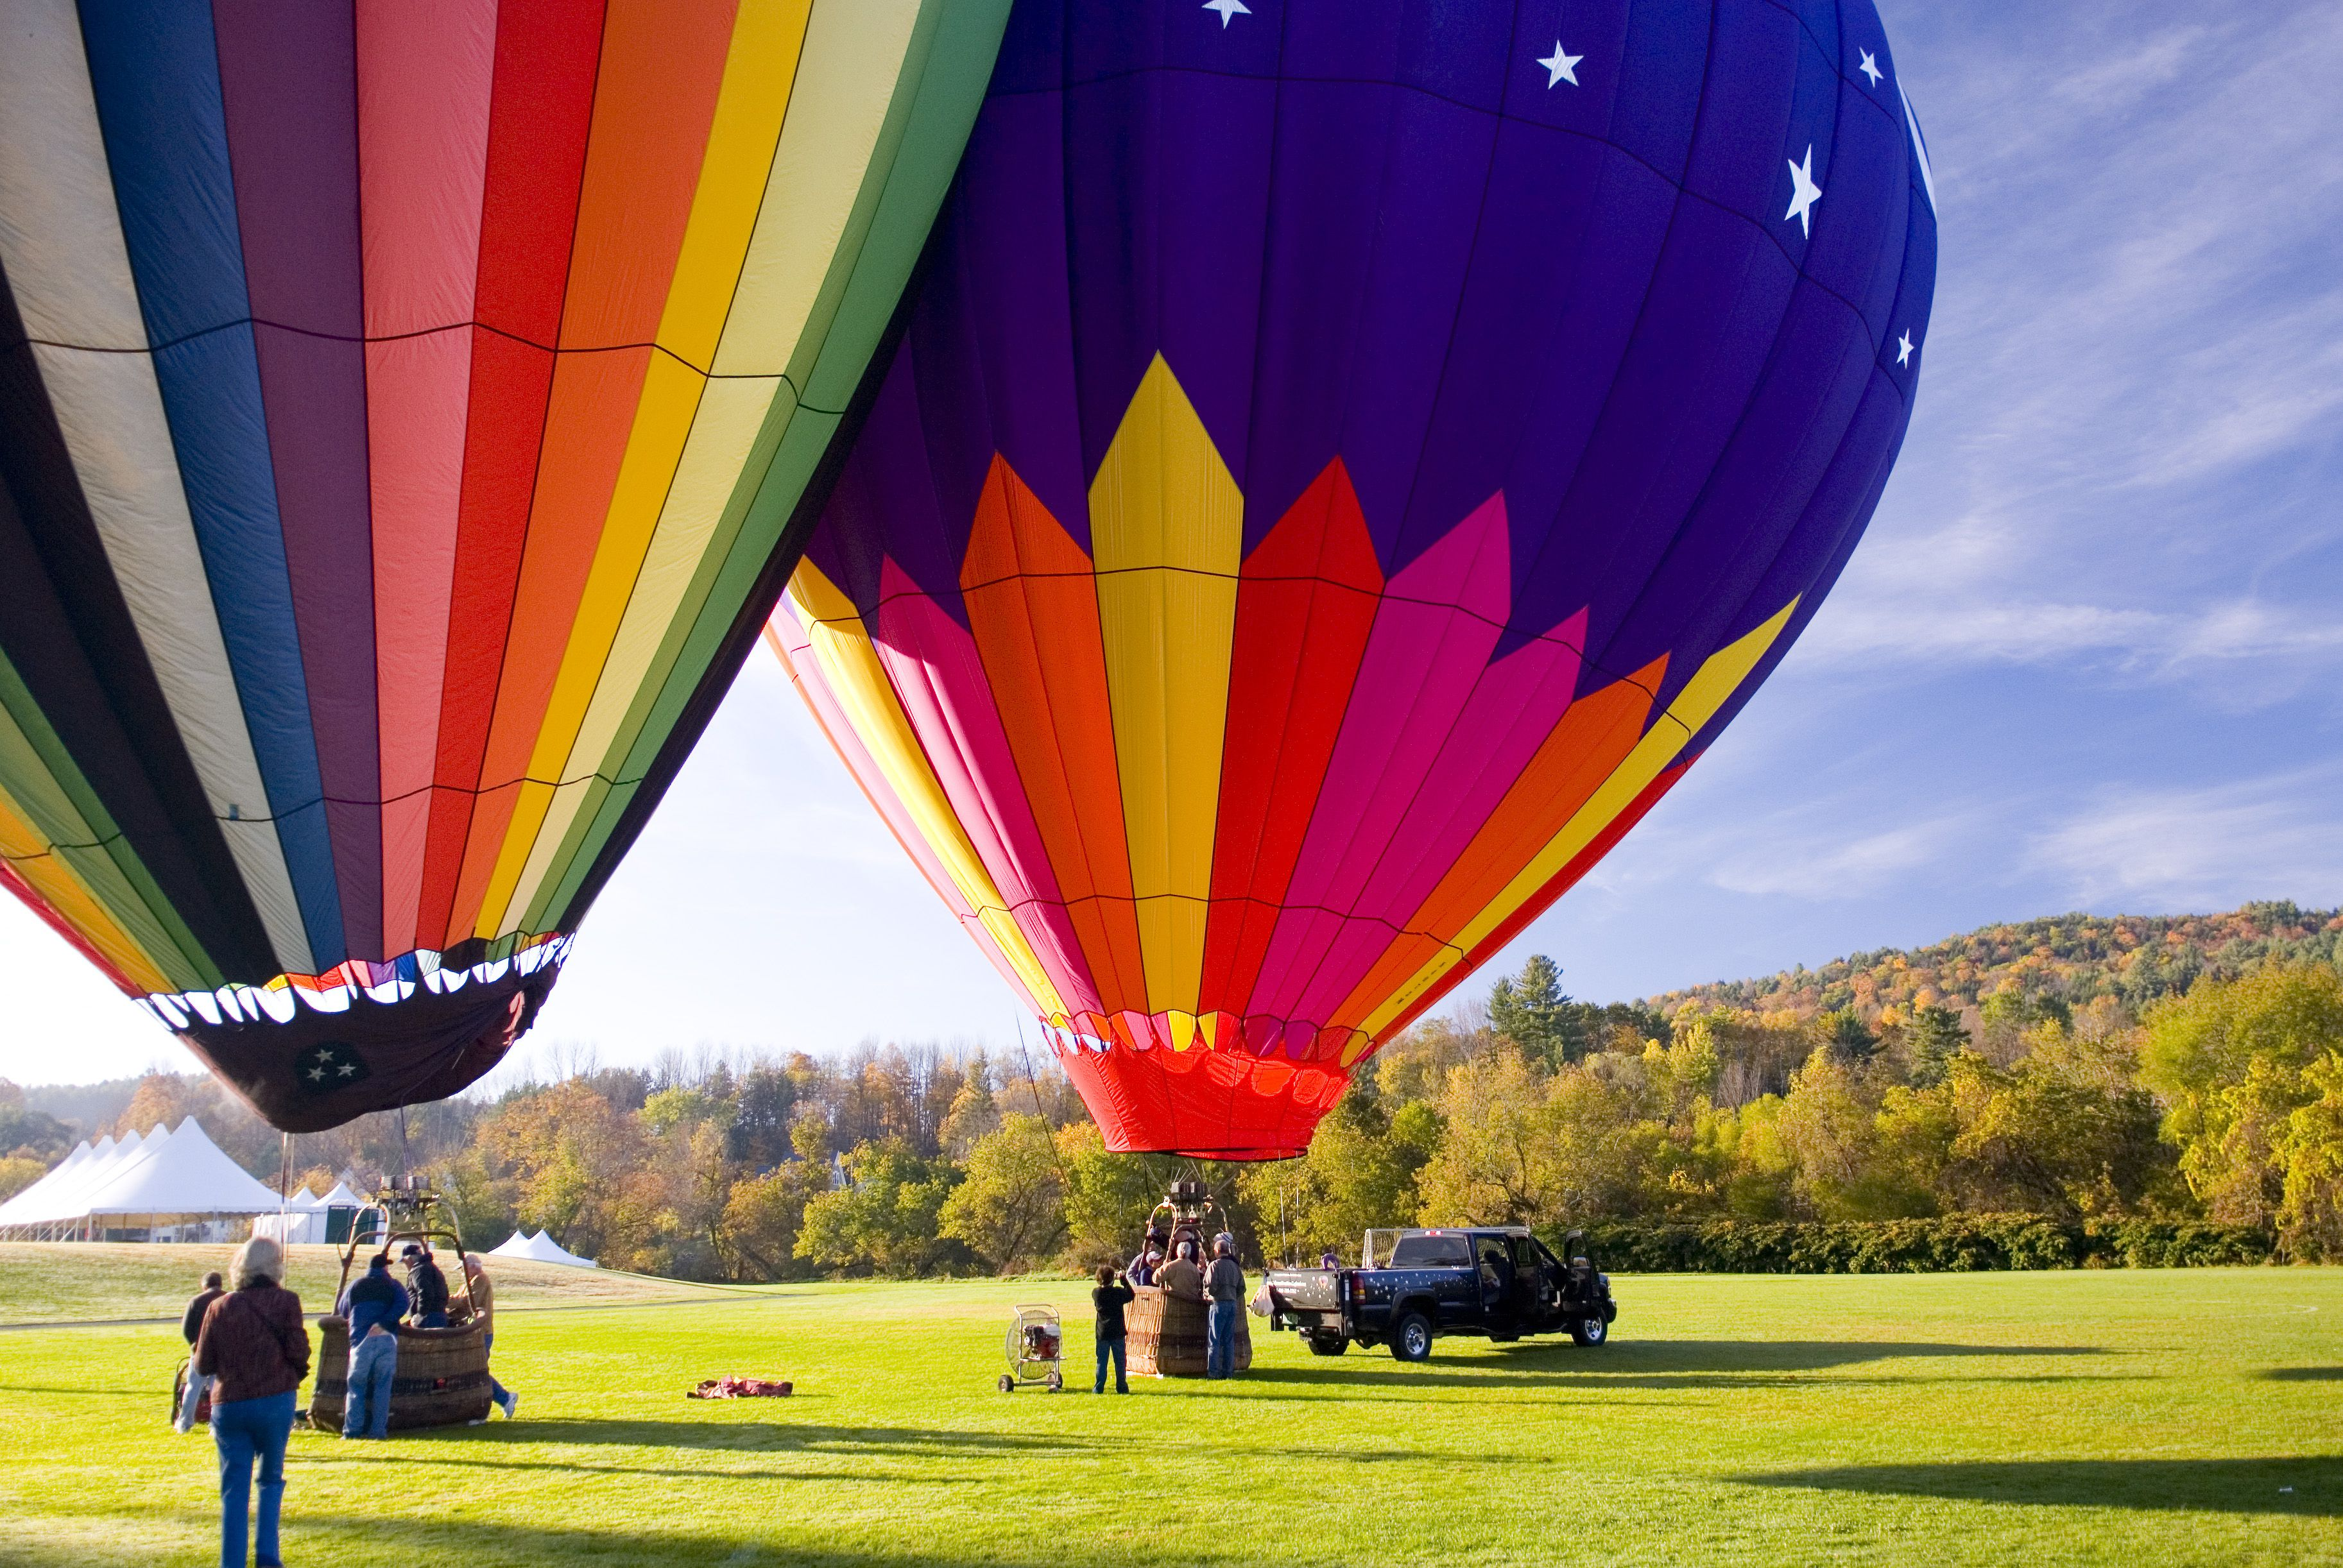 Hot air ballooning. Quechee, Vermont. USA